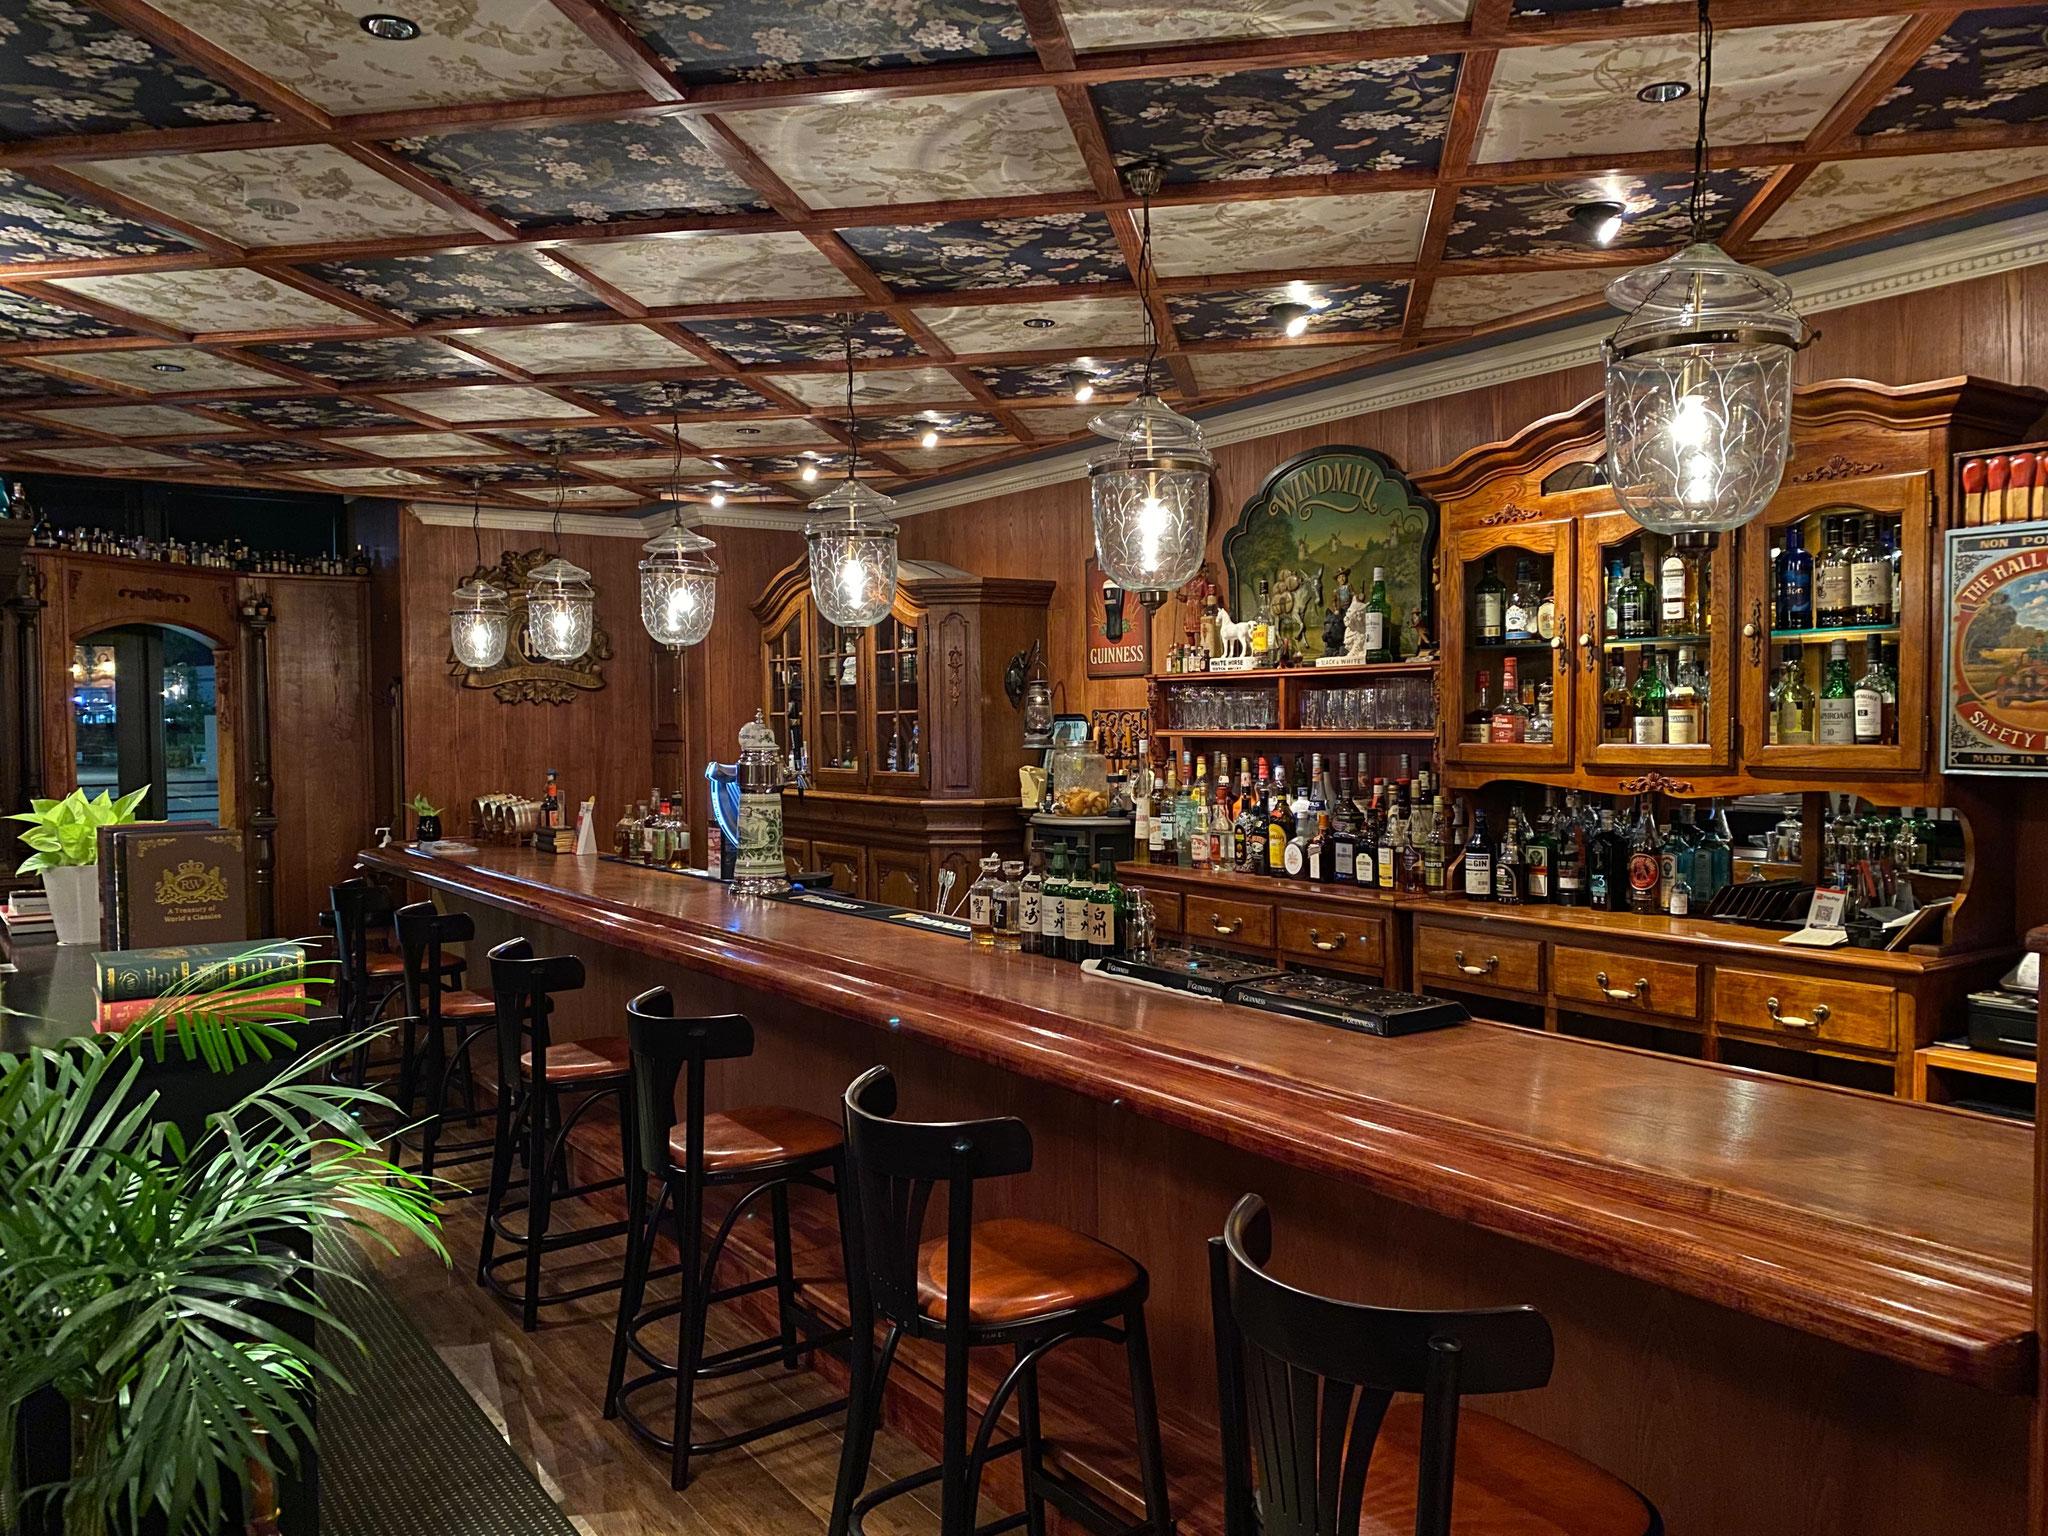 バックカウンターには珍しいウイスキーが並ぶ。